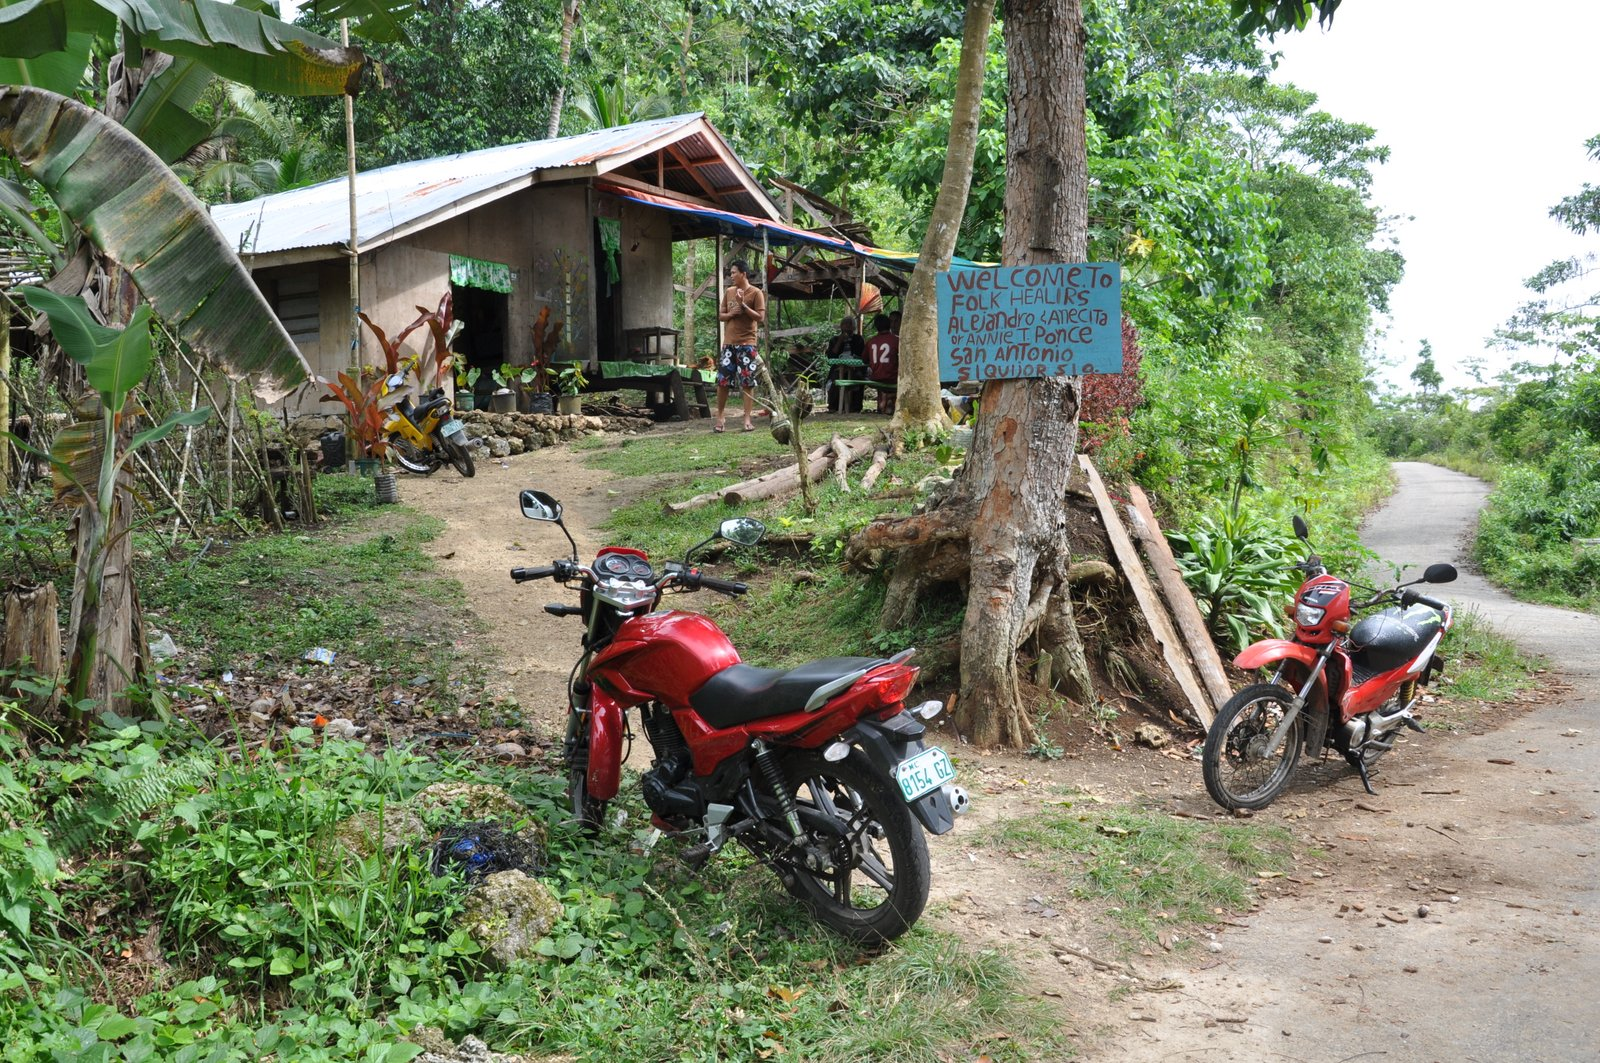 Casa de un curandero en la isla de Siquijor en Filipinas